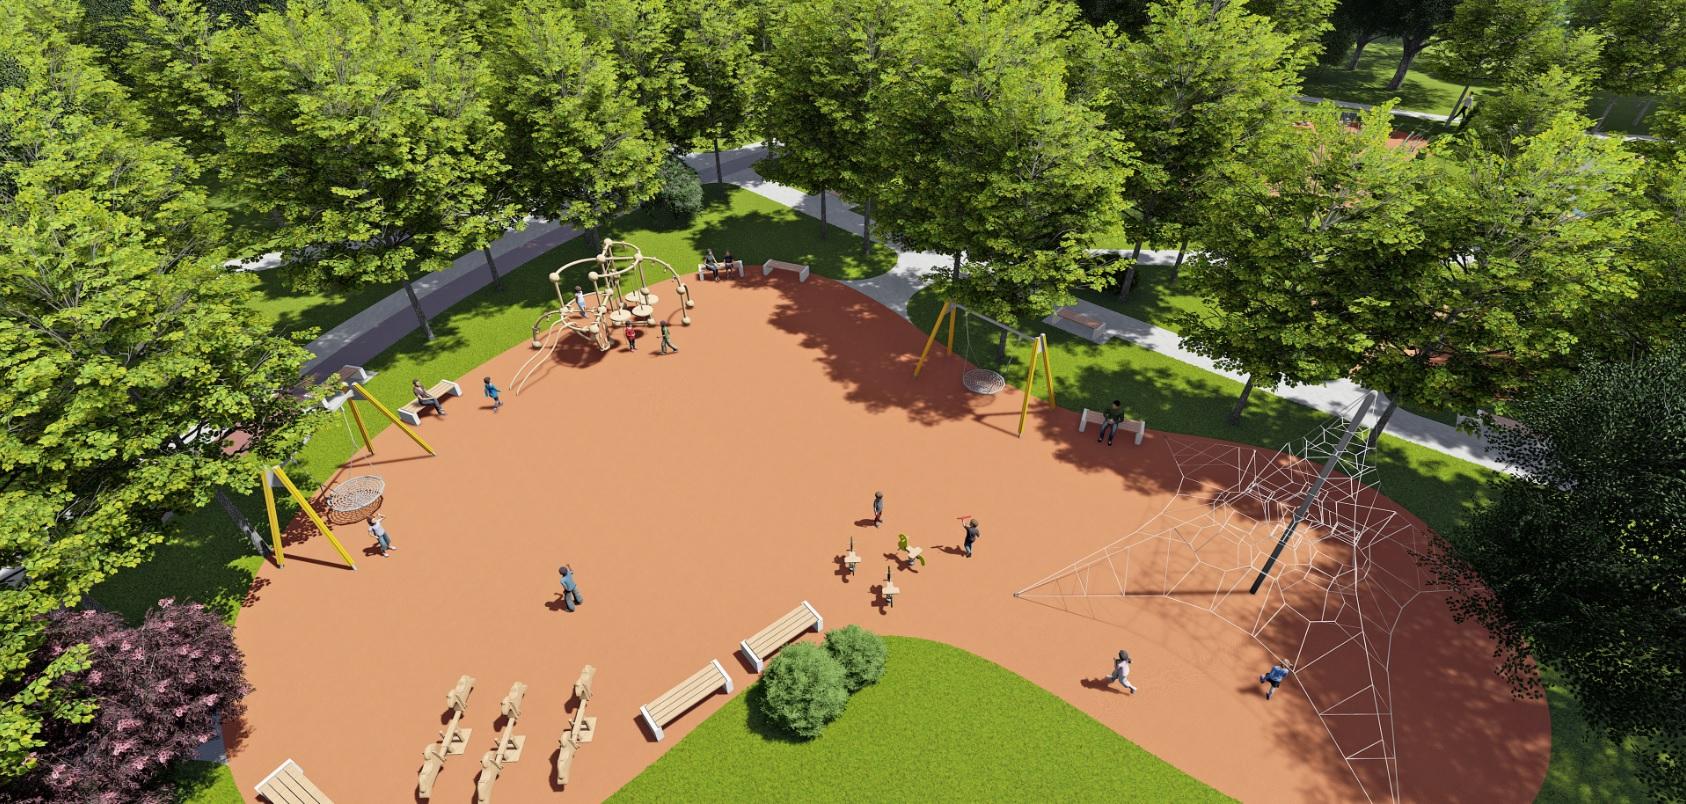 У Фастові оприлюднили проєкт реконструкції міського парку імені Гагаріна - Фастів, реконструкція, парк імені Гагаріна - Park7